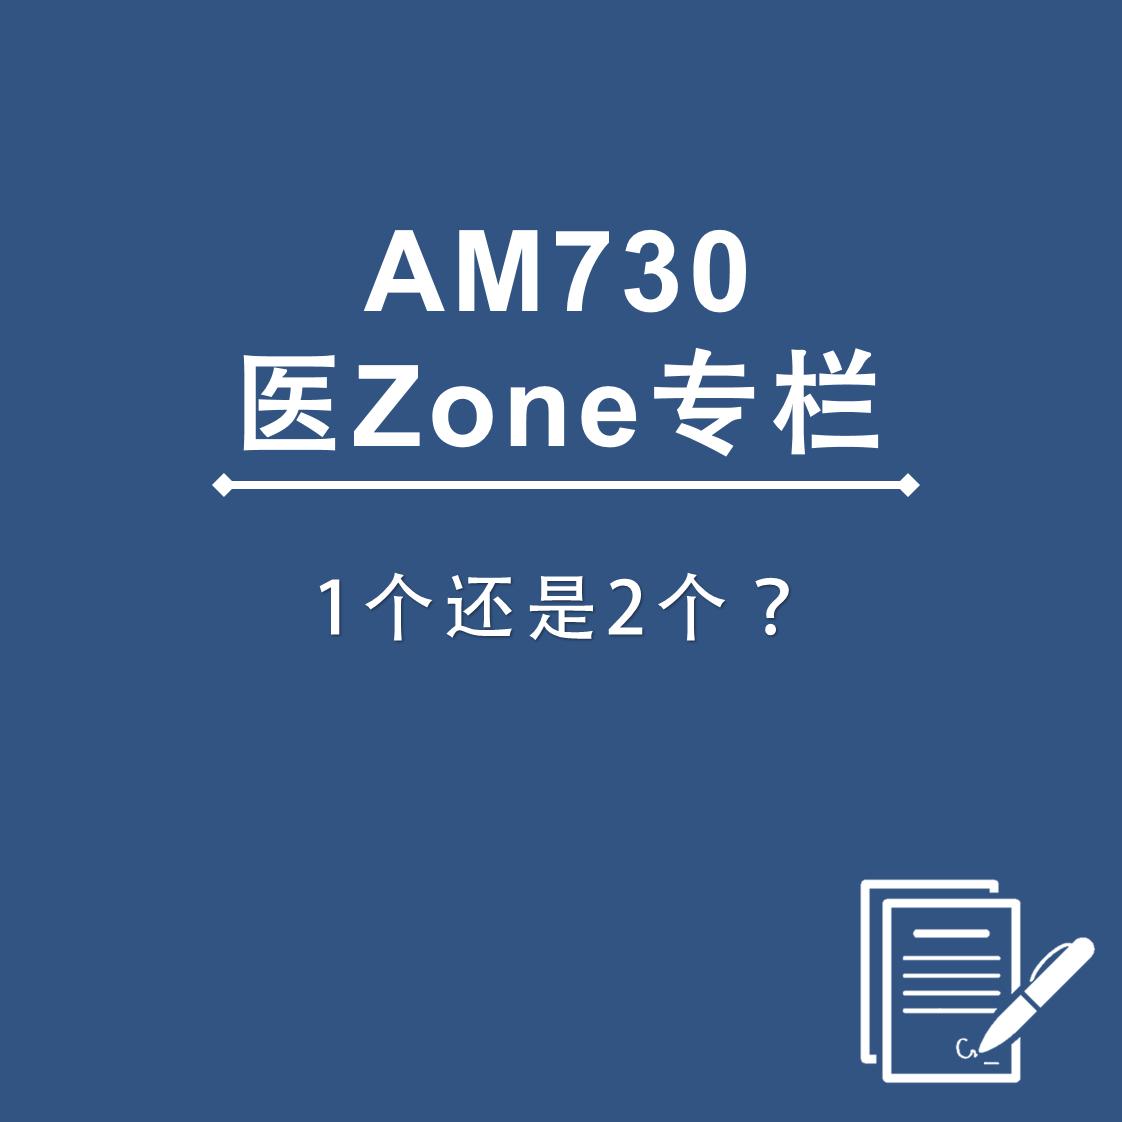 AM730 医Zone 专栏 – 1个还是2个?